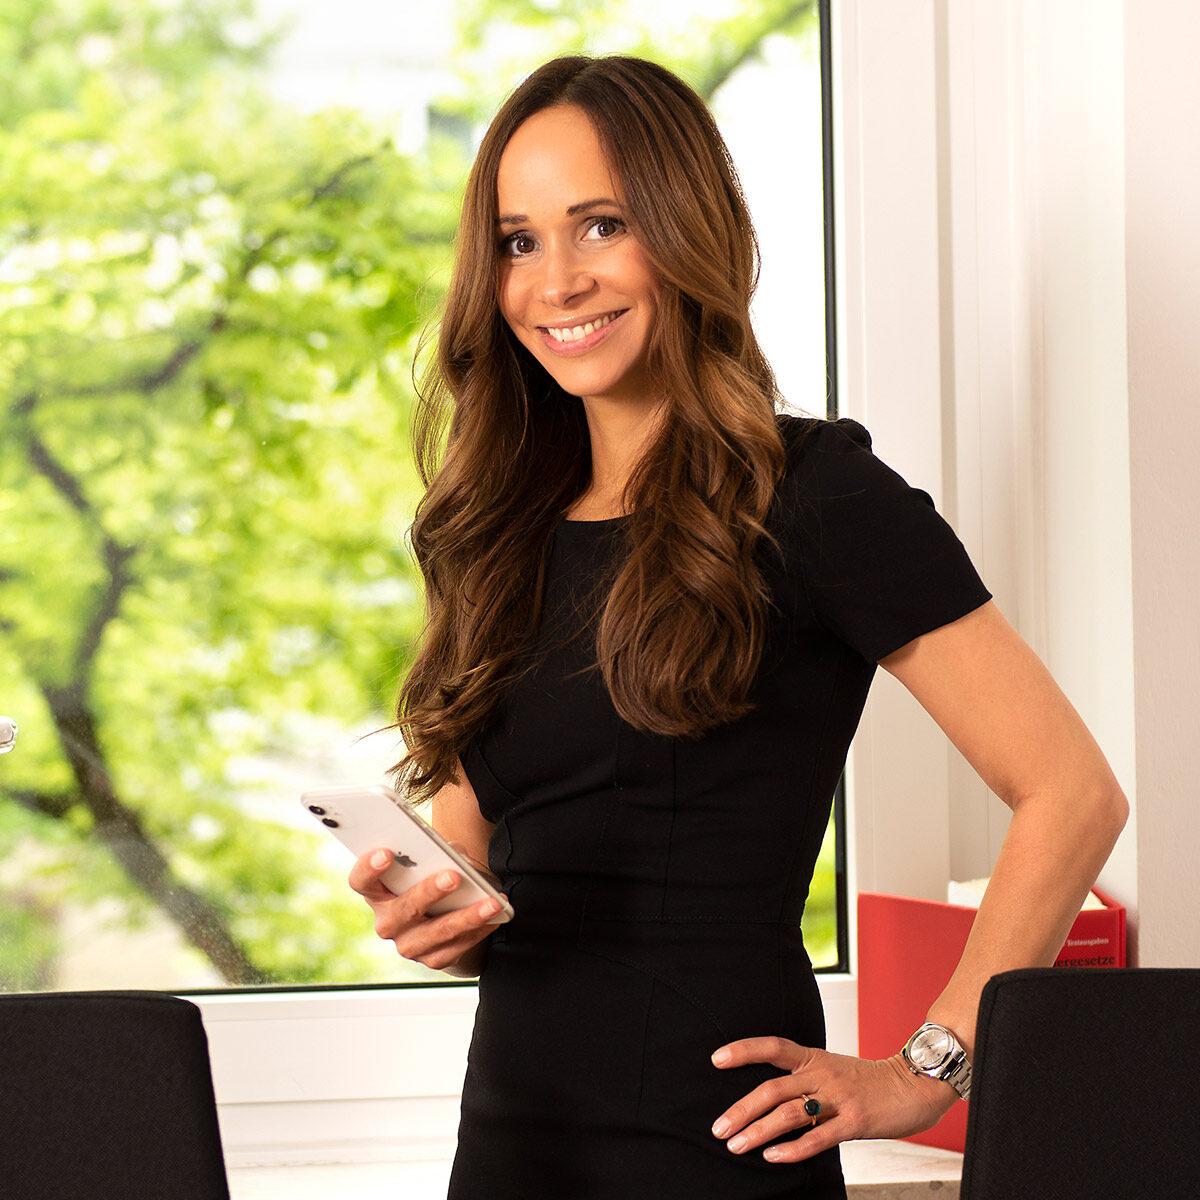 Businessfotografie von Privatax mit Steuerberaterin Jessica Schmidt mit Smartphone |Felix Krammer Fotografie